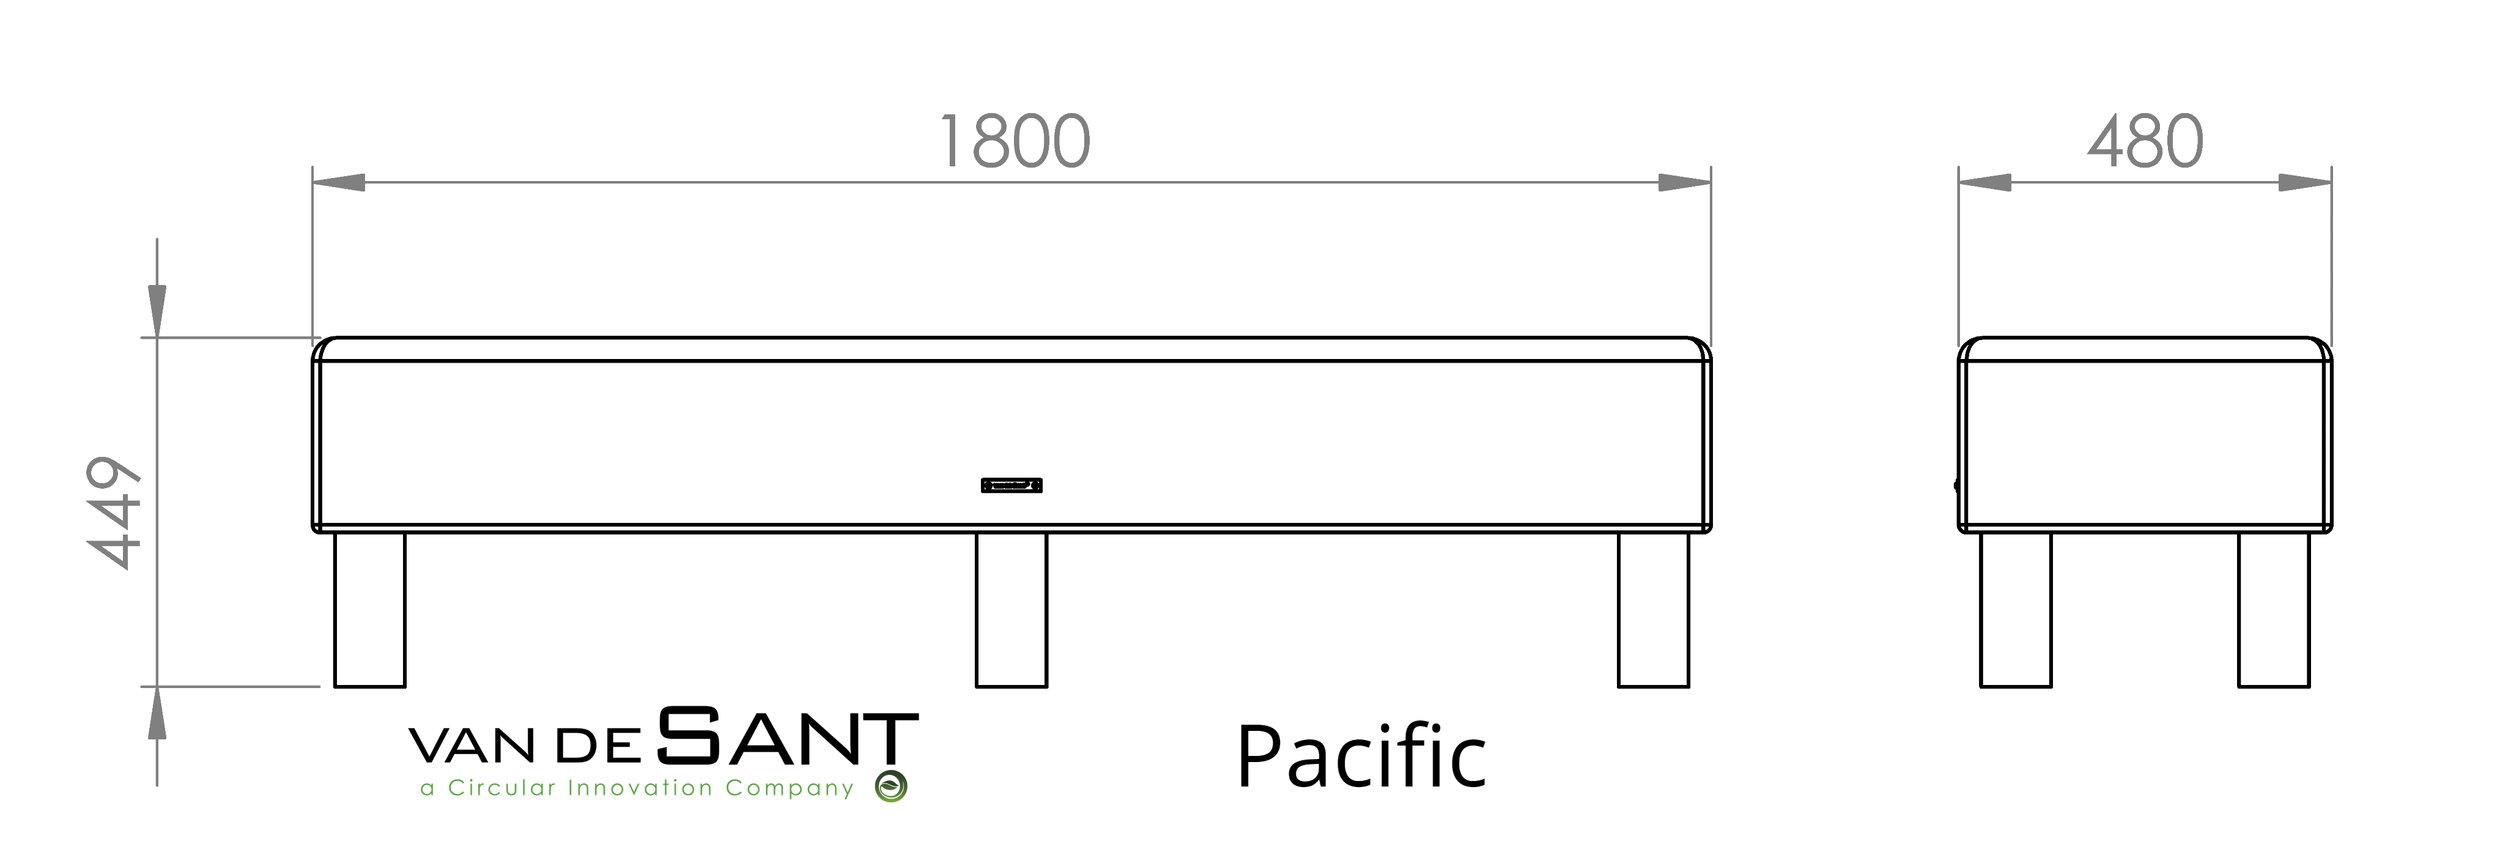 VDS-Pacific.jpg